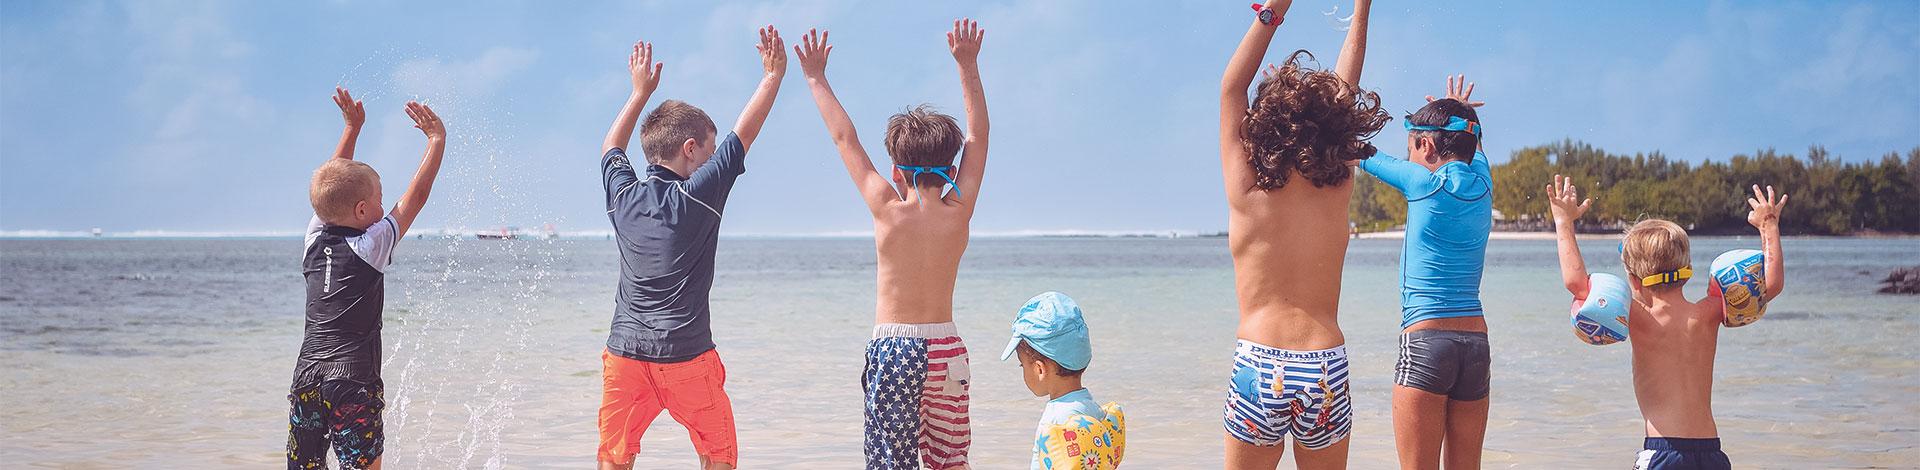 Beachcomber kids